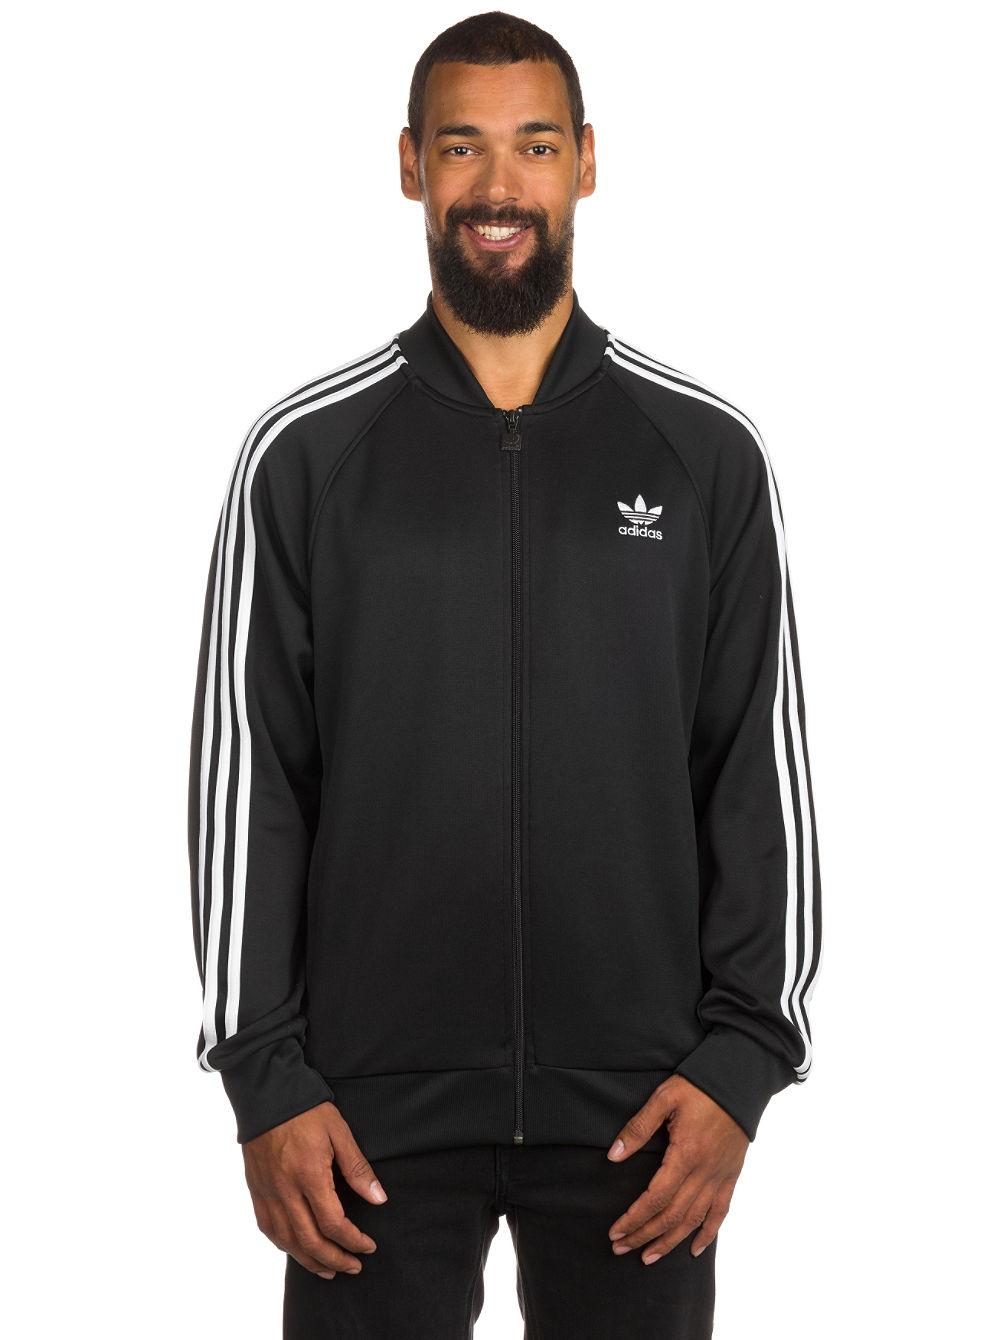 772f5e6285f4 Buy adidas Originals SST TT Jacket online at Blue Tomato